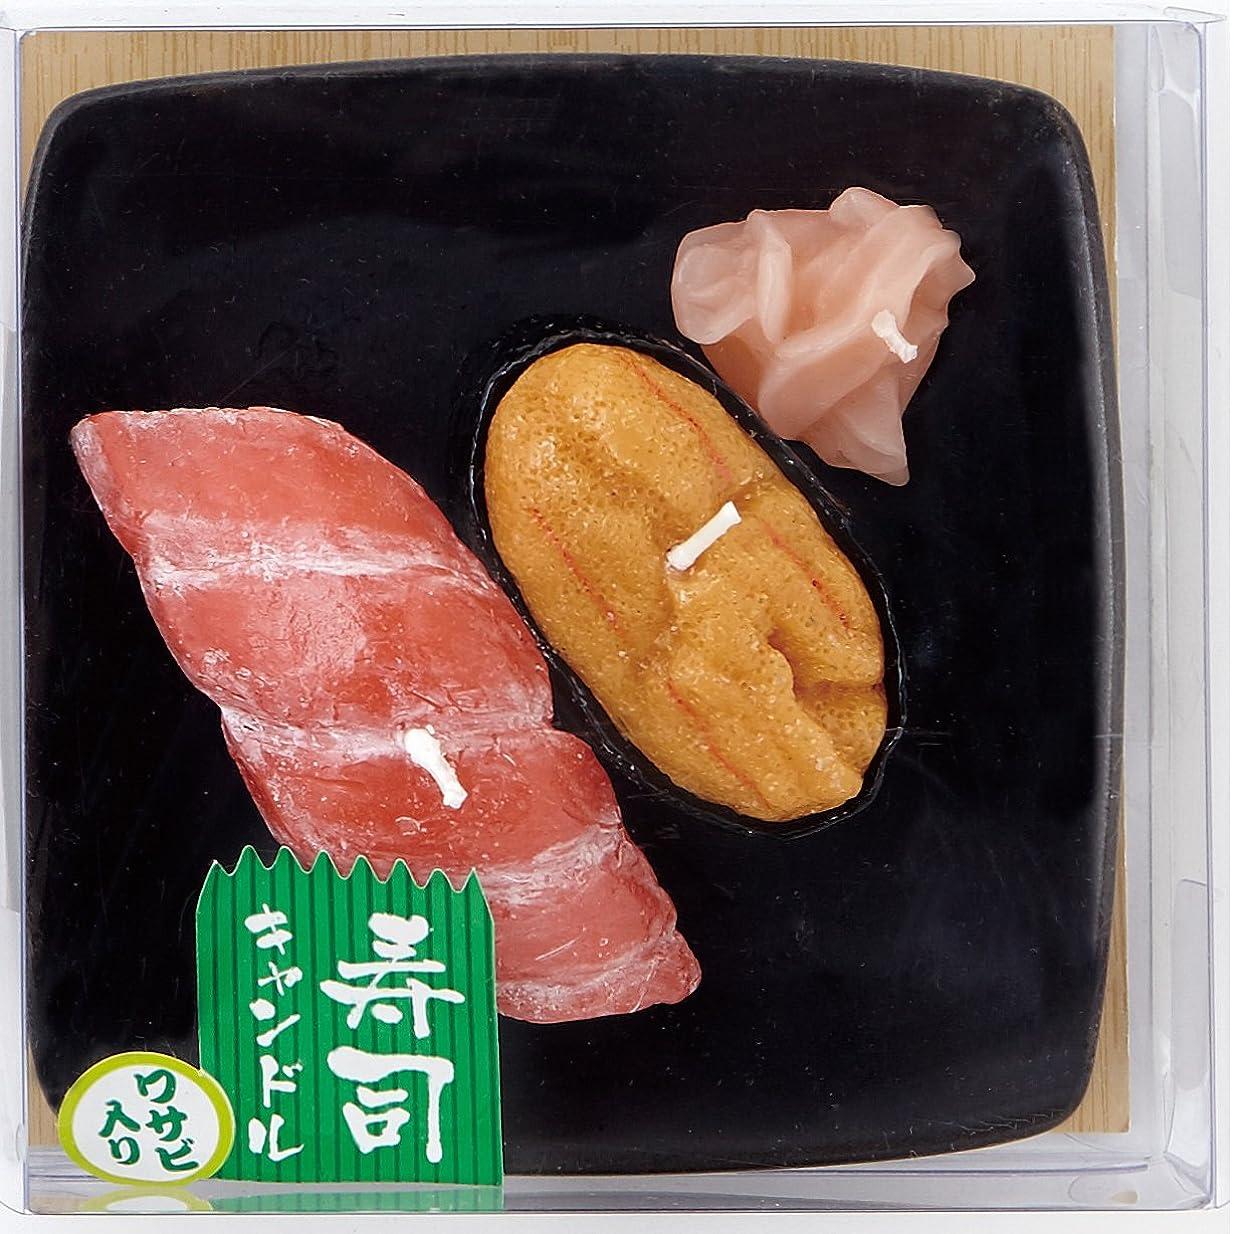 精査九時四十五分ポンプ寿司キャンドル C(ウニ?大トロ) サビ入